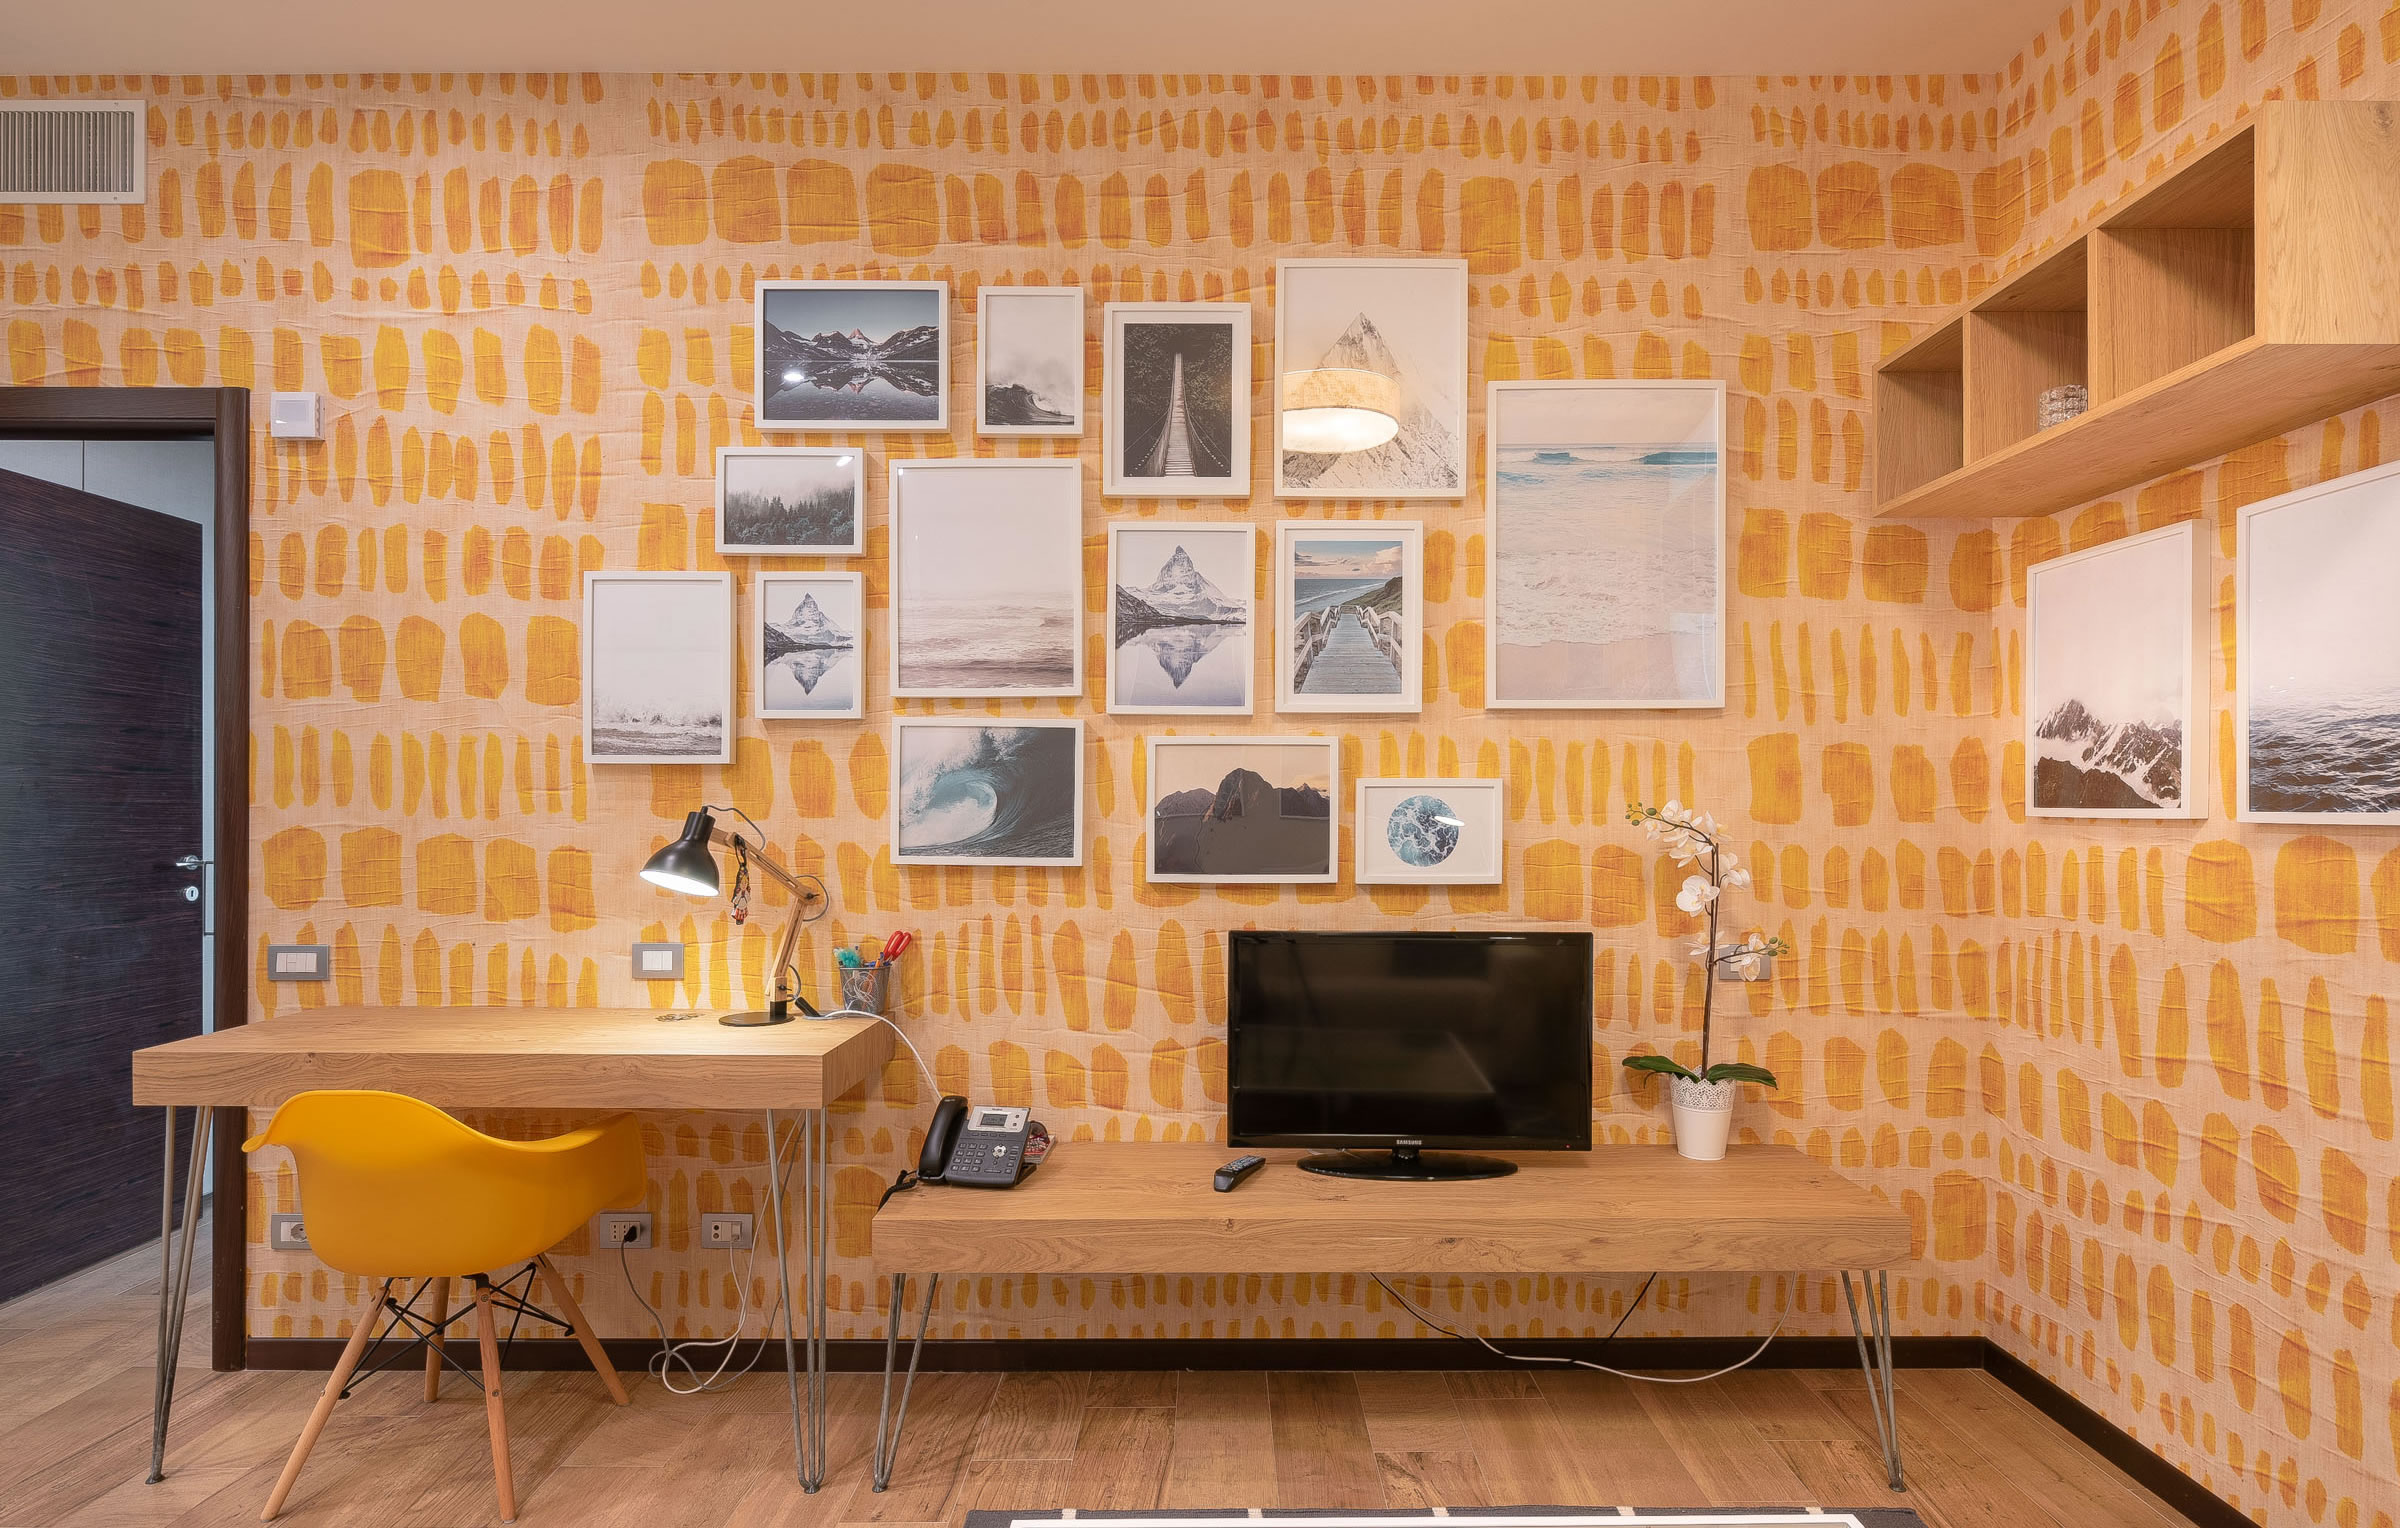 Puoi affittare un appartamento luxury per 1 settimana o più di un anno